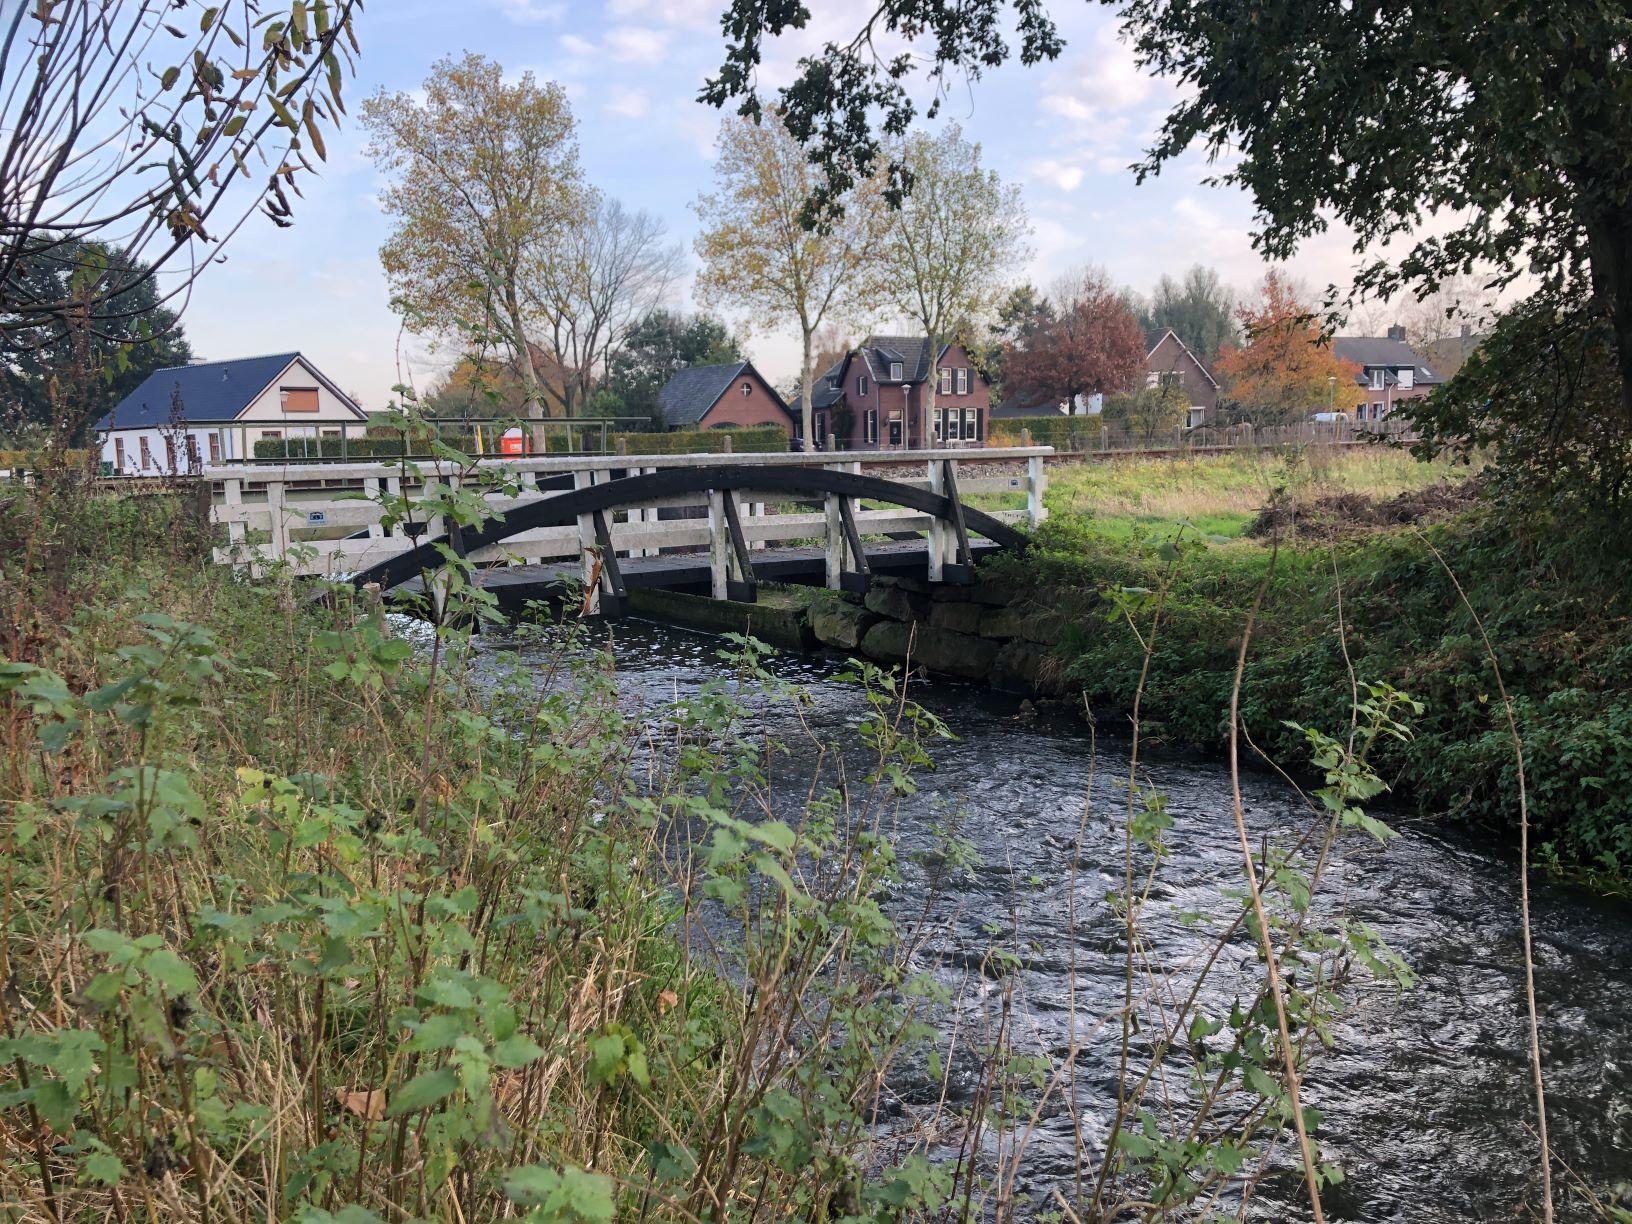 Fiets - Loopbrug naast spoor